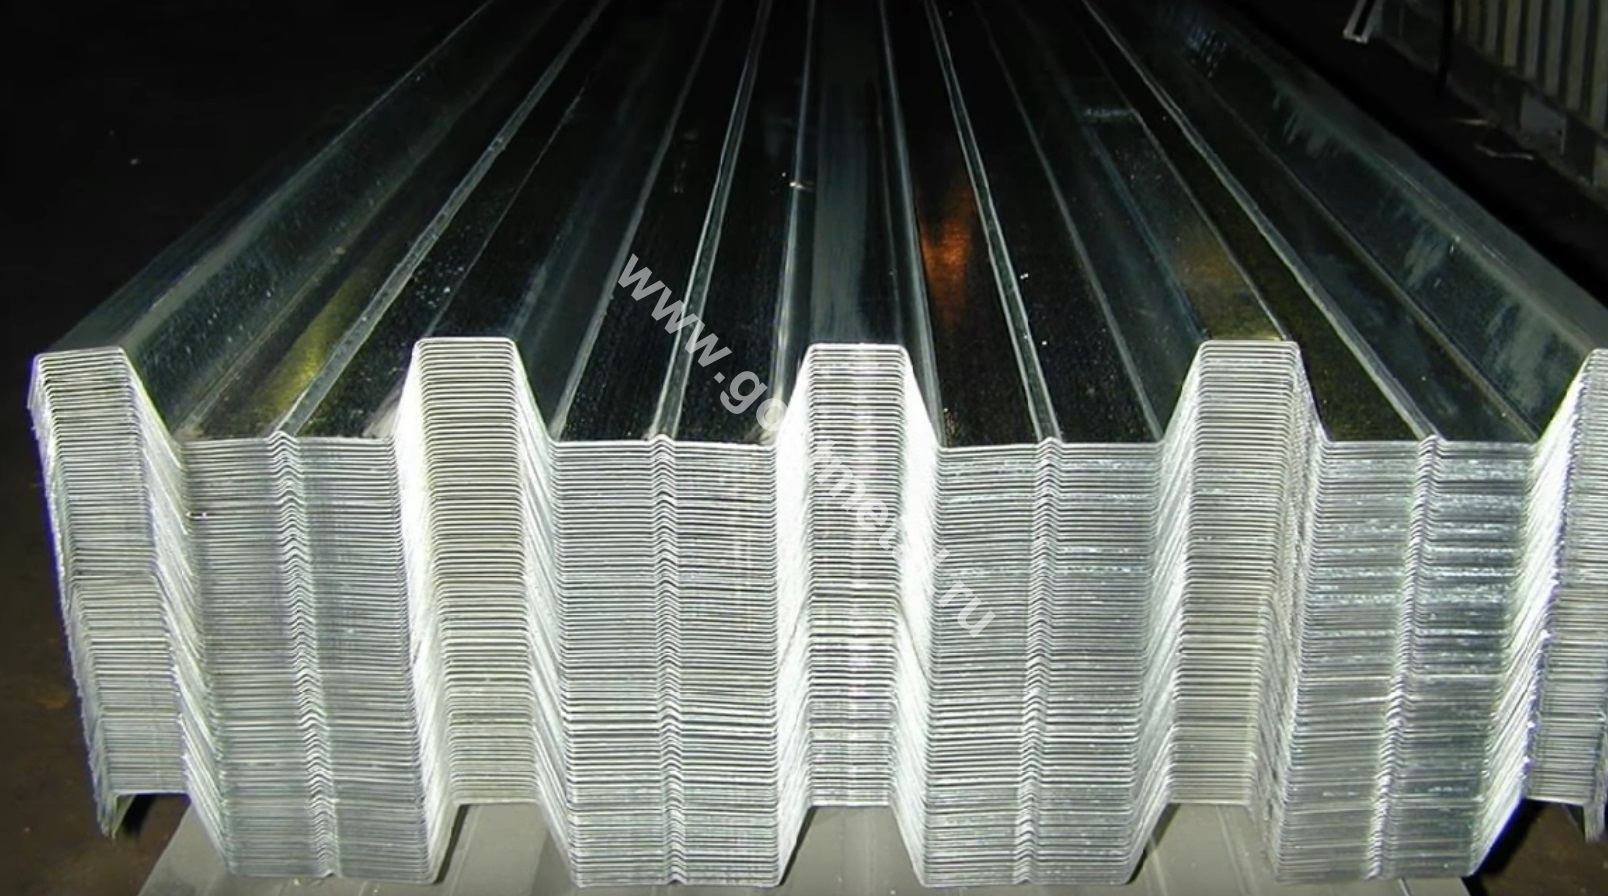 Гофрированный лист оцинкованный цены выгодные в ГОСТ Металл